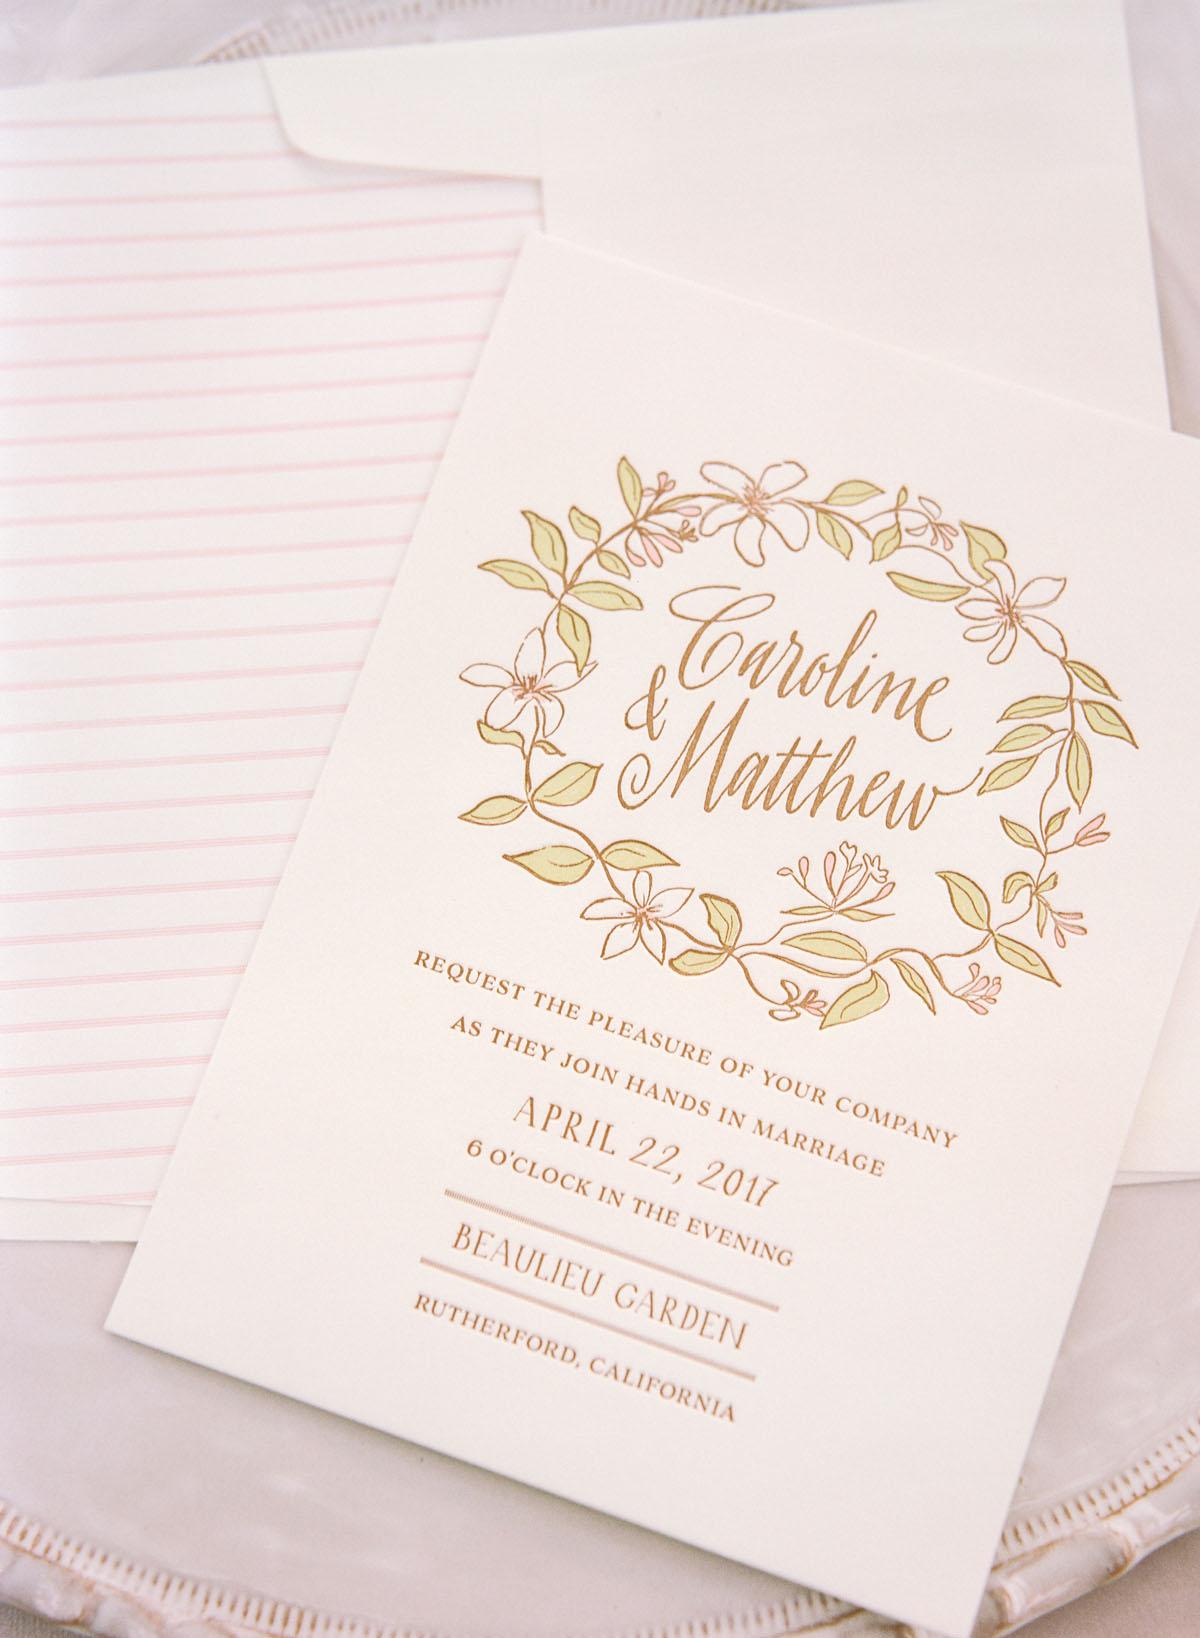 beaulieu-garden-wedding-06.jpg